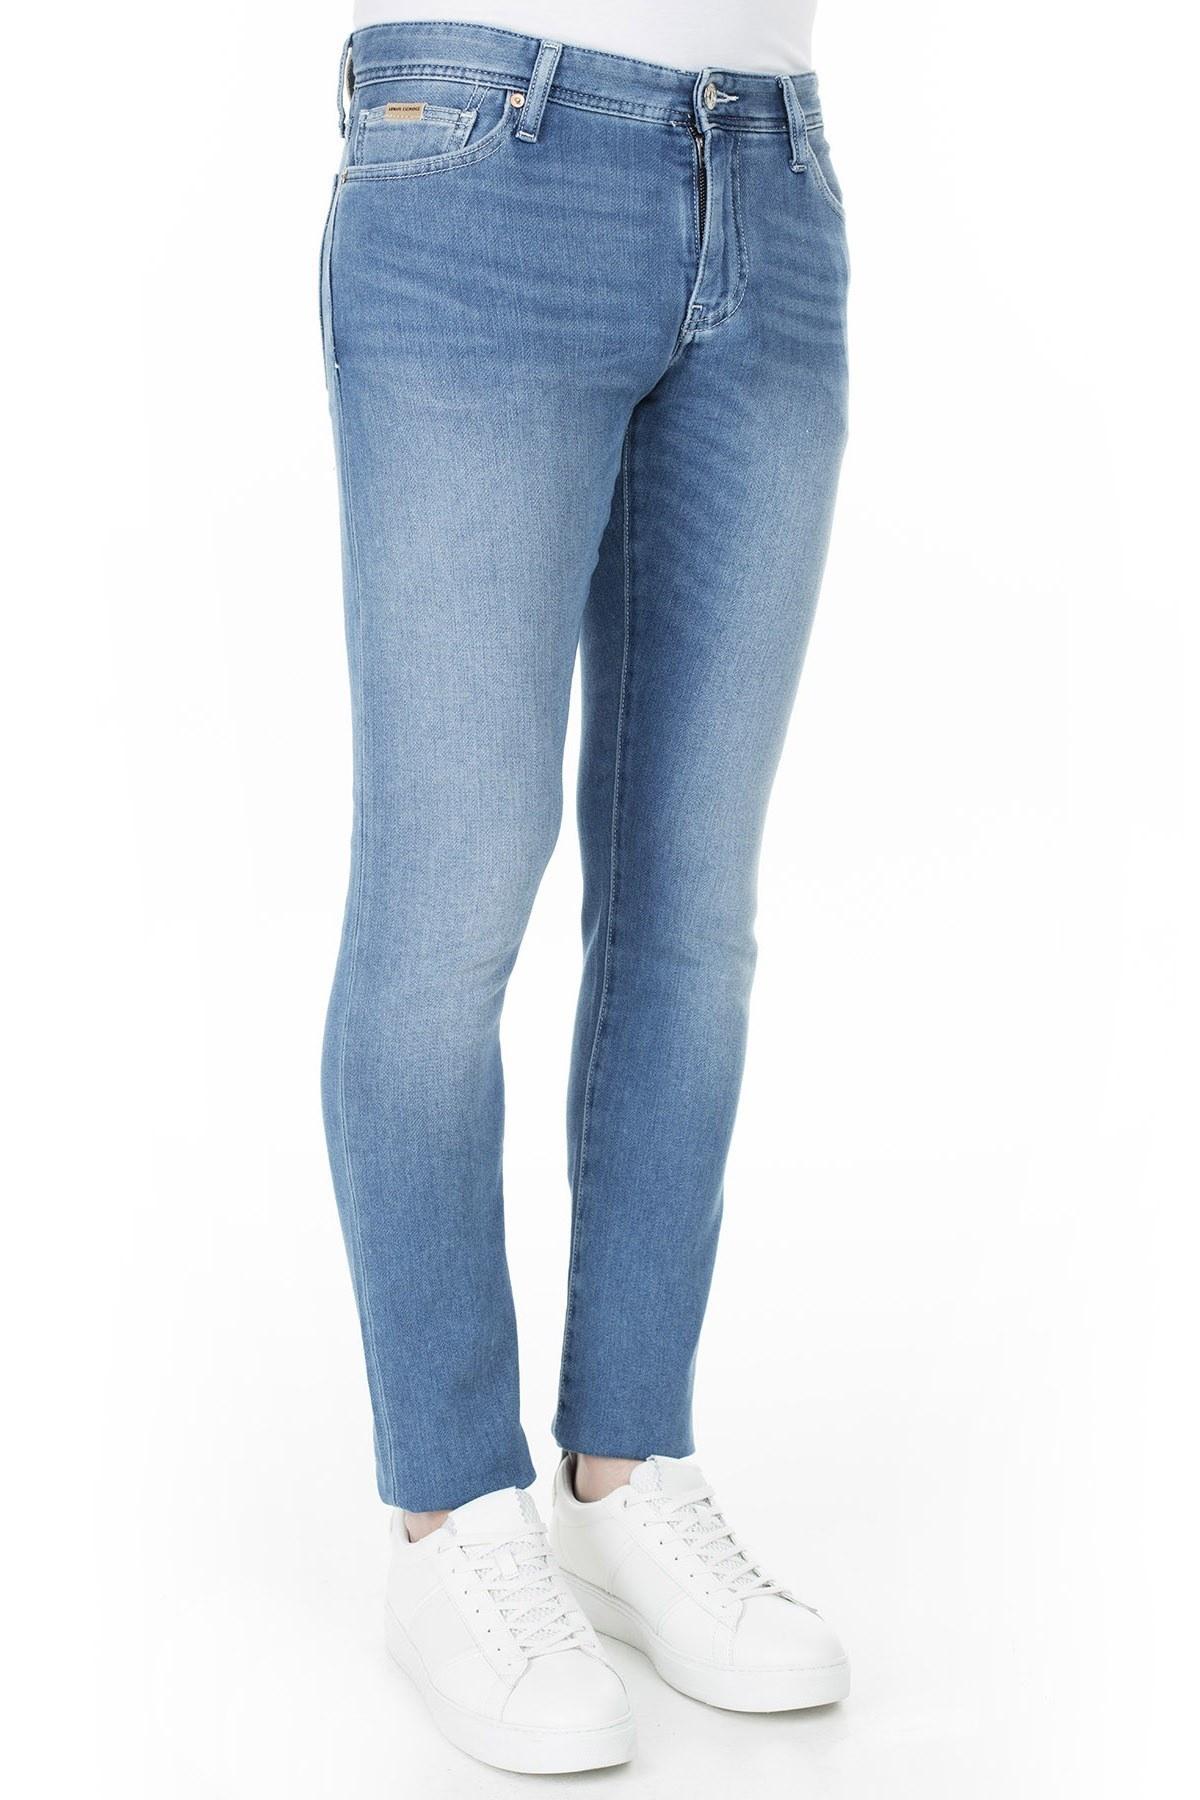 Armani Exchange J14 Jeans Erkek Kot Pantolon 3HZJ14 Z2QMZ 1500 İNDİGO